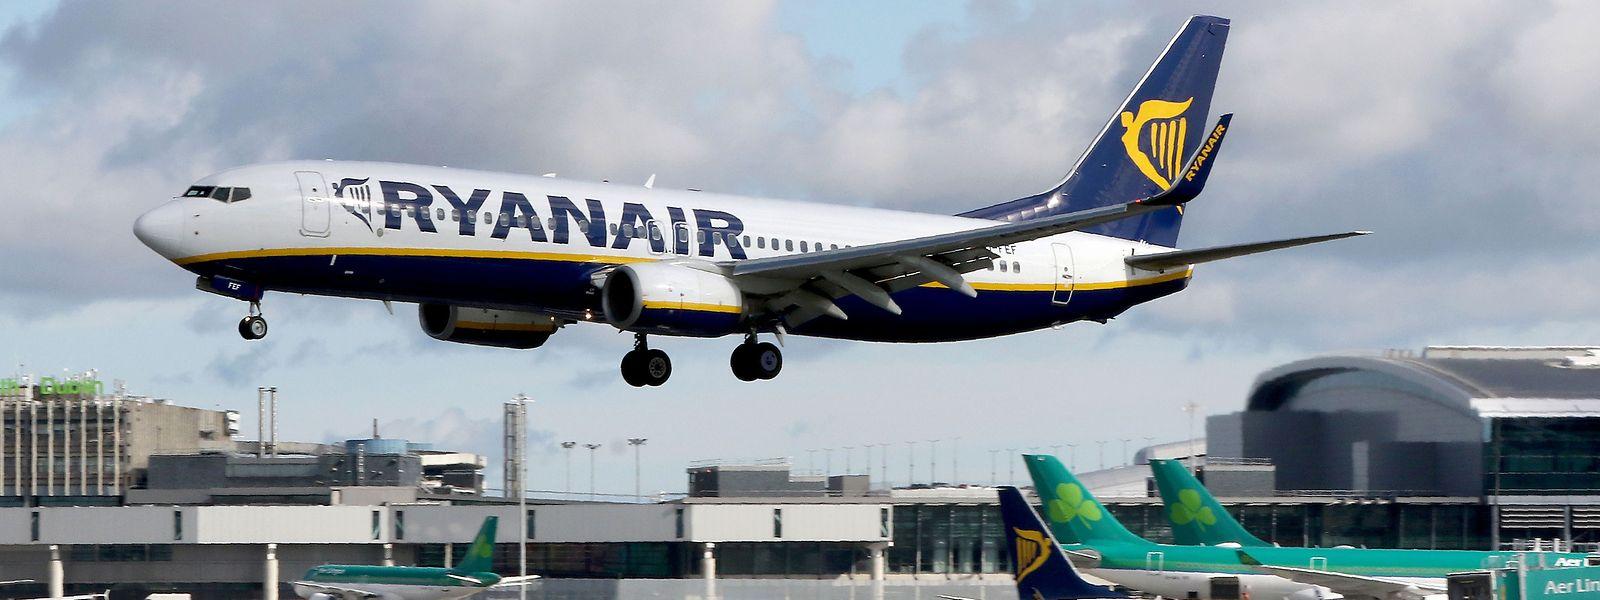 Ryanair-Flüge nach Dublin wird es ab dem Winterflugplan 2018/2019 auch von Luxemburg-Findel aus geben,jedoch nicht mehr von Frankfurt-Hahn aus.